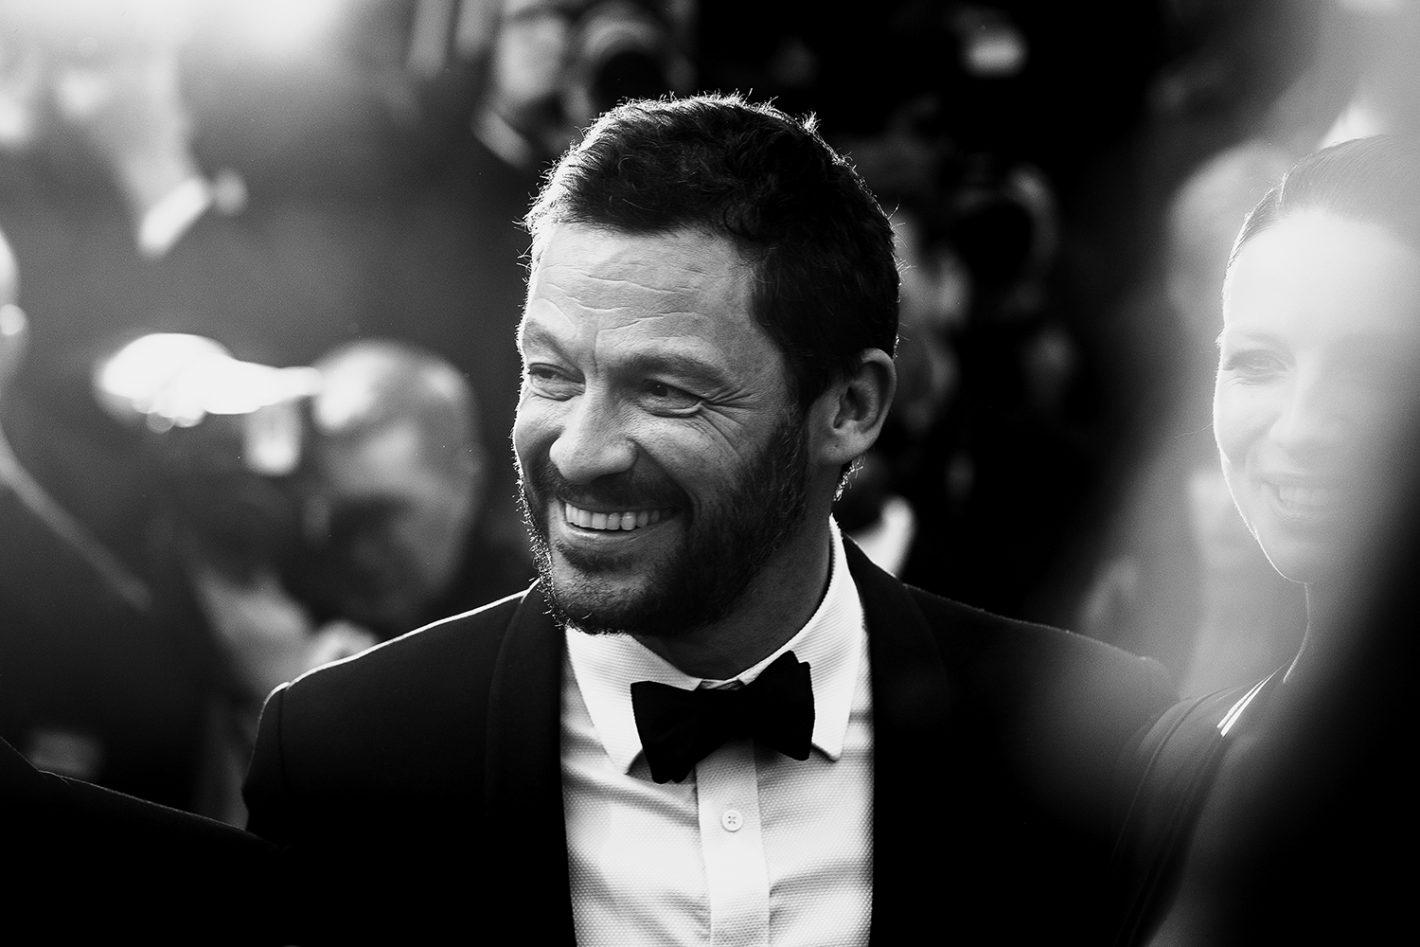 Festival de Cannes 2016 - Dominic West - Nikon D5